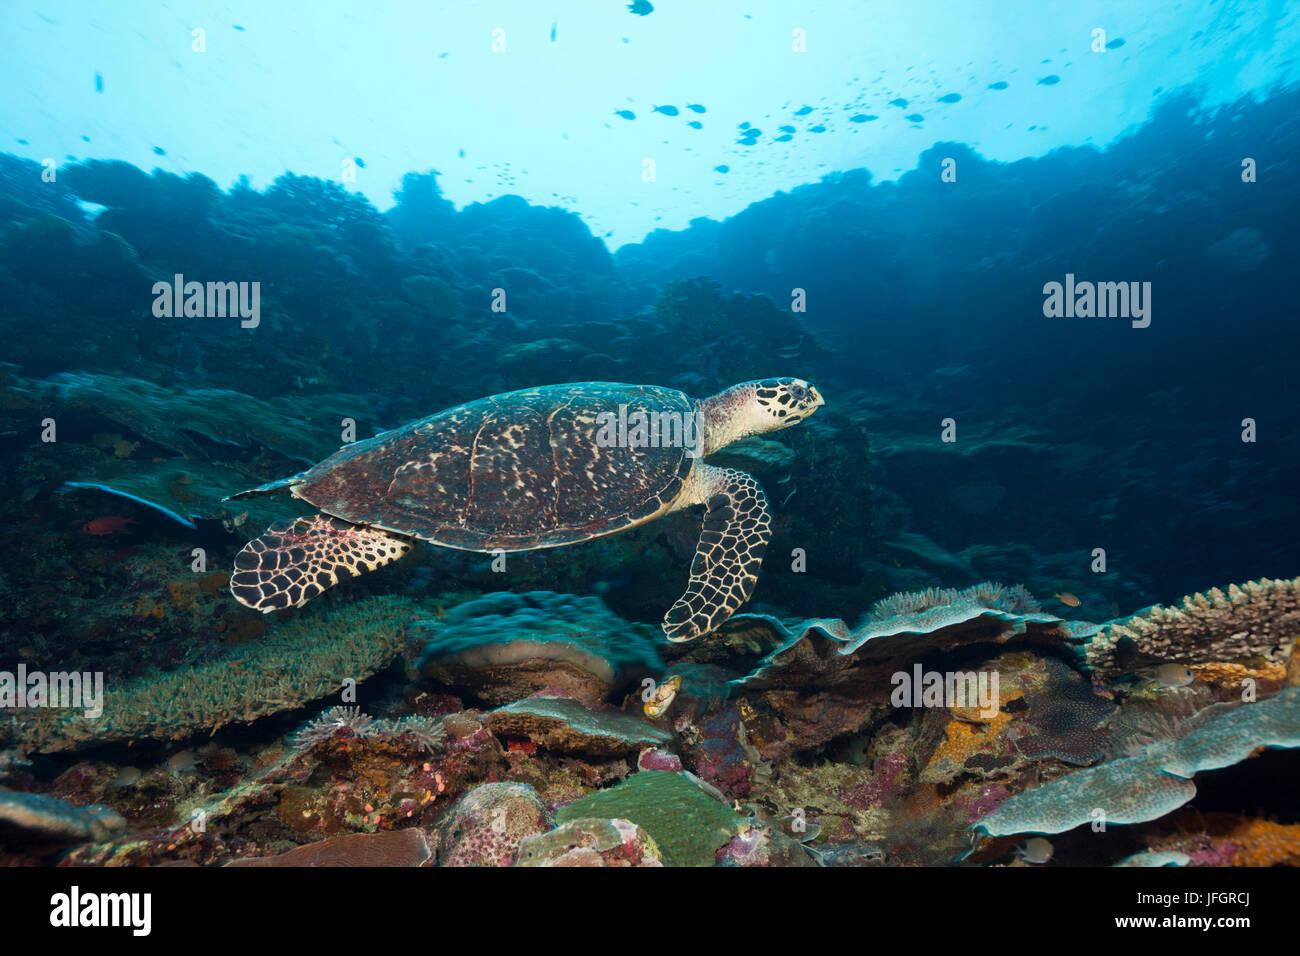 tortoiseshell turtle, Eretmochelys imbricata, Marovo lagoon, the Solomon Islands - Stock Image